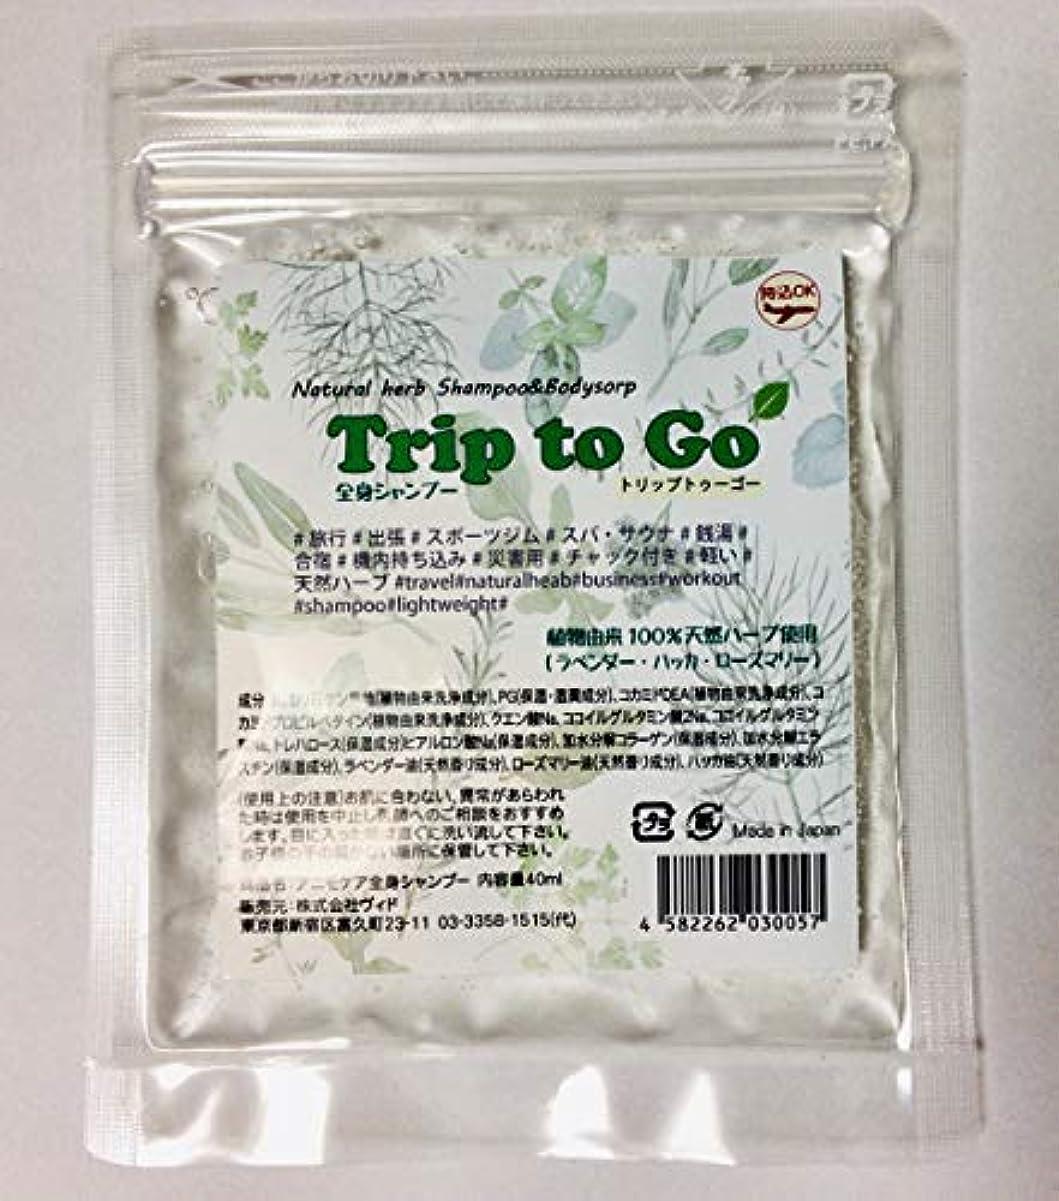 意志に反する同情垂直Trip to Go(トリップトゥーゴー) 全身シャンプー 40gパウチ 旅行/出張にコレ1パック ただいま送料無料です。